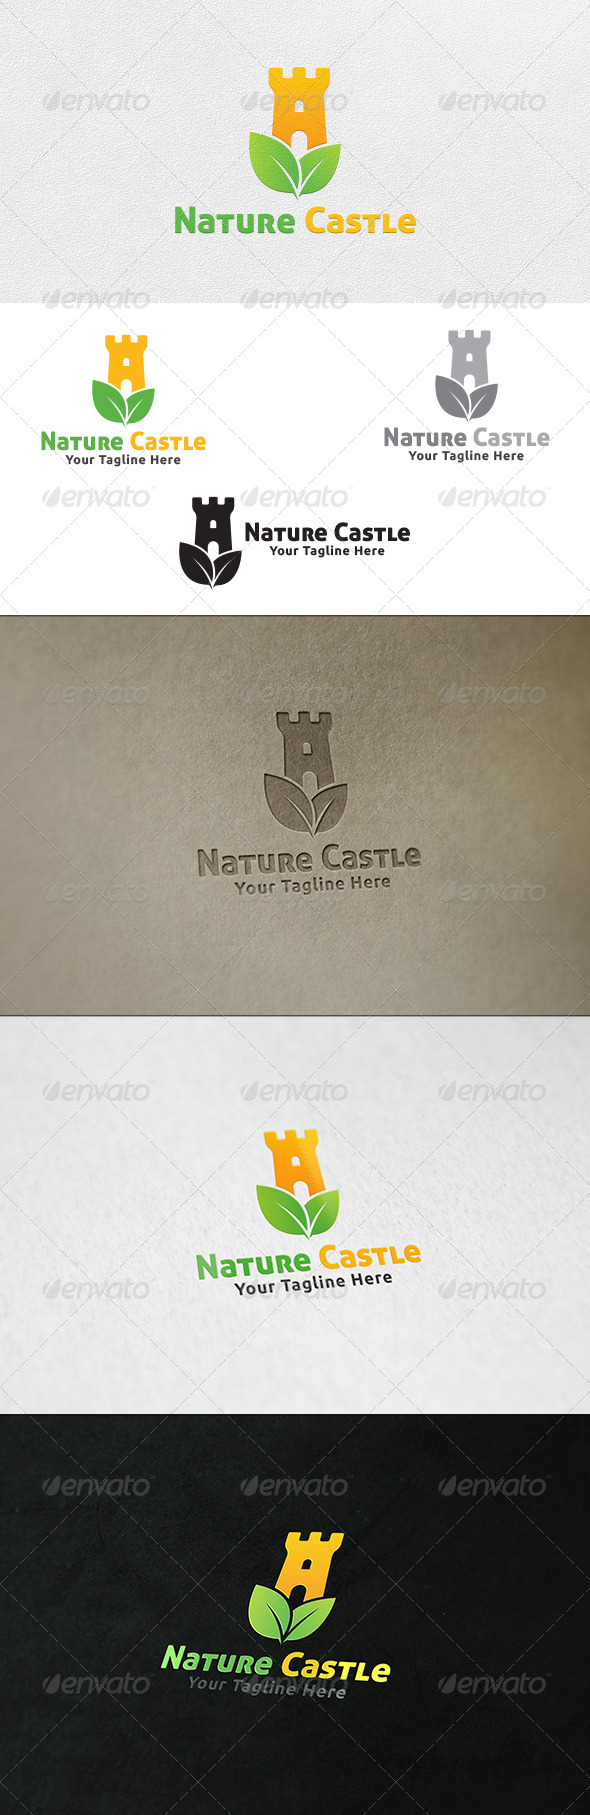 GraphicRiver Nature Castle Logo Template 6785831